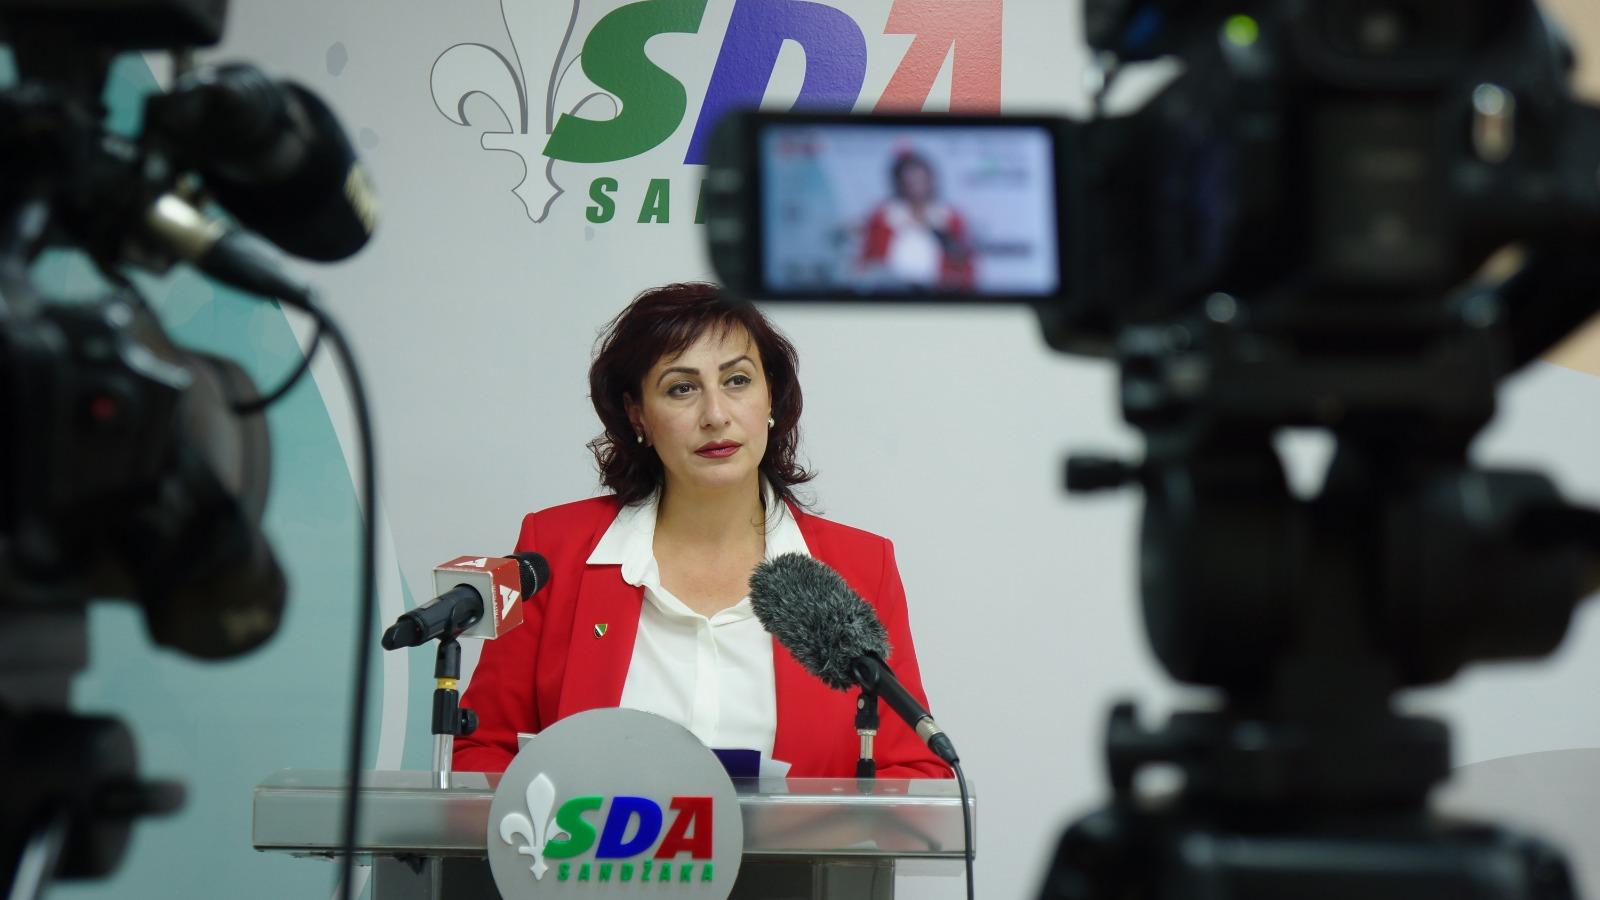 SDA: Pokrenuti inicijativu za način praznovanja bošnjačkih nacionalnih praznika (video)